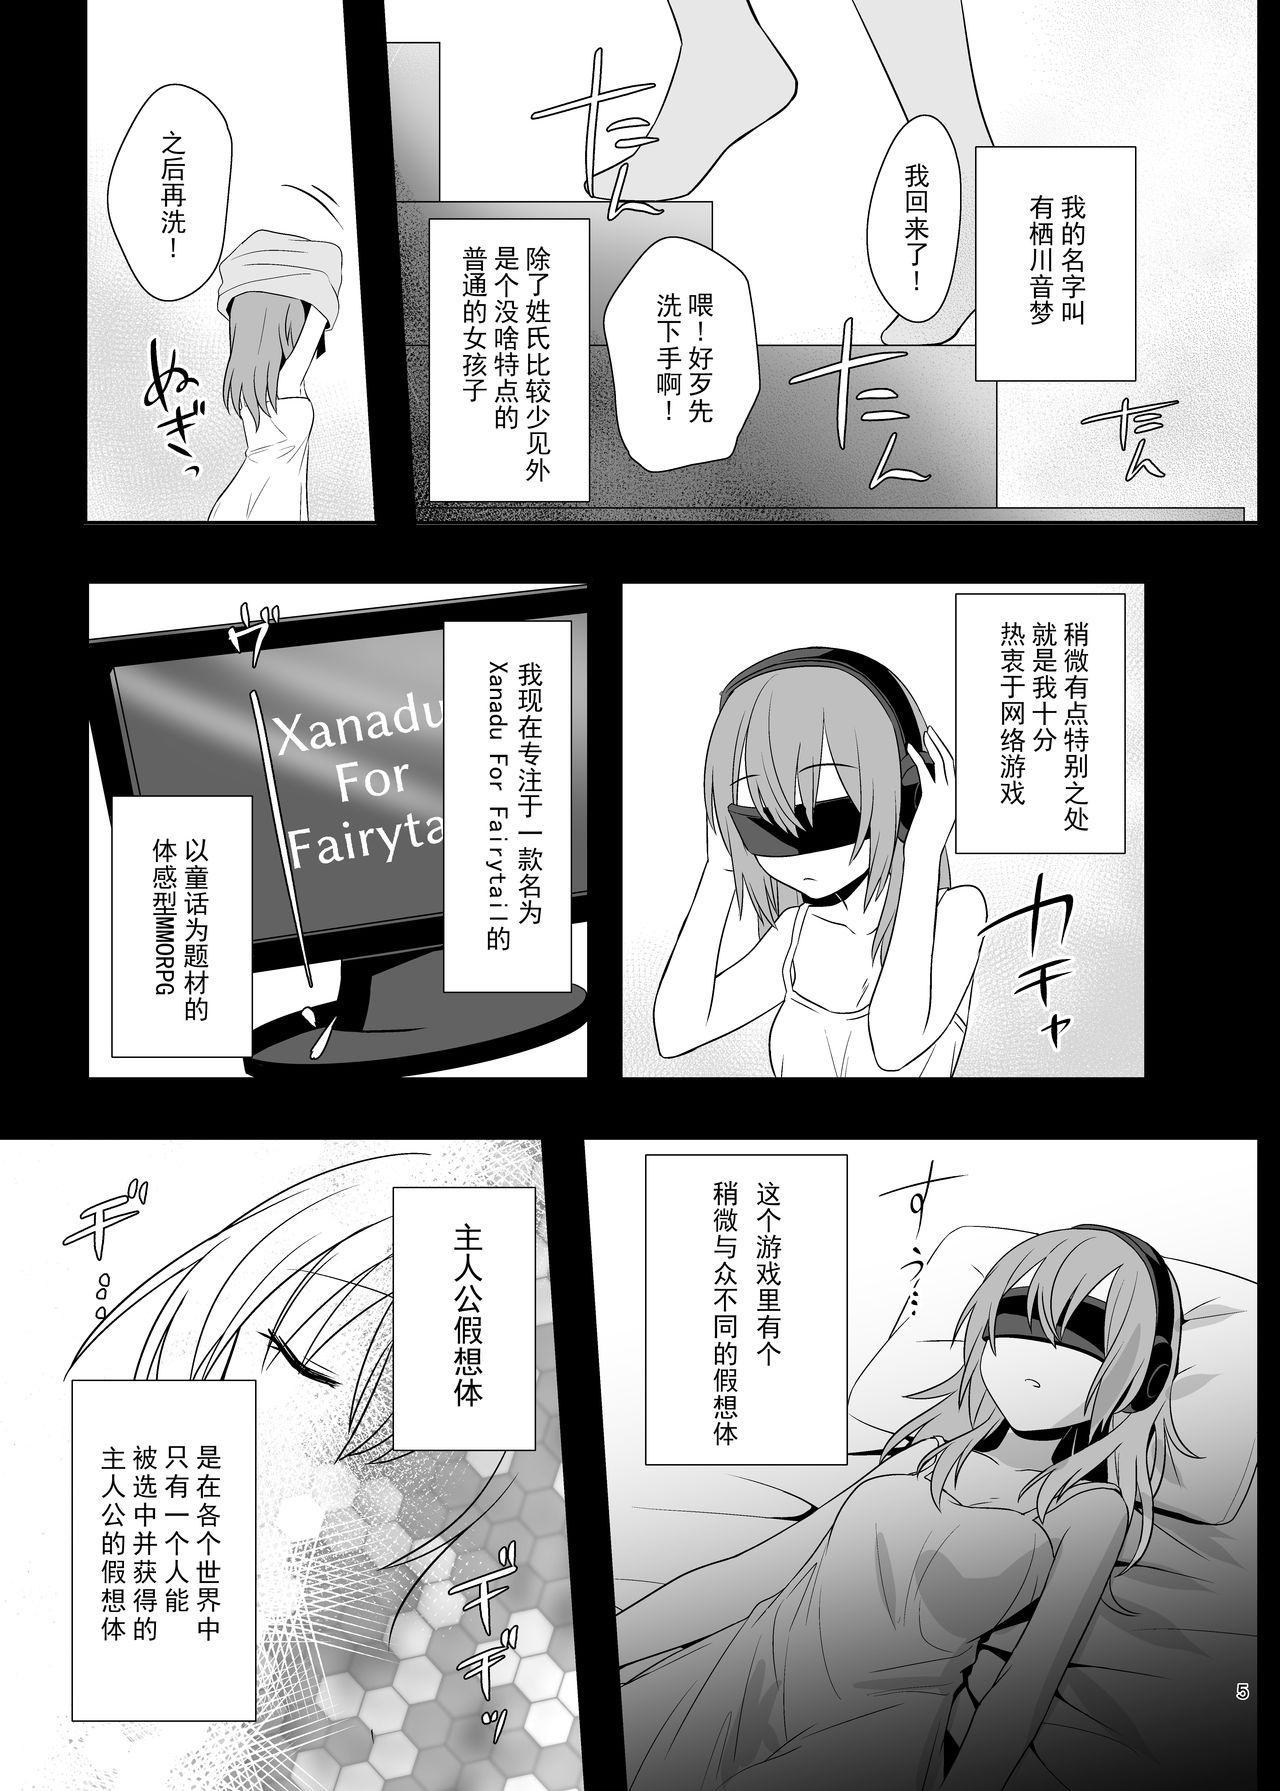 Kasou Douwa wa Kiken ga Ippai!? Yumemi Gachi na Shoujo Hen 1 4